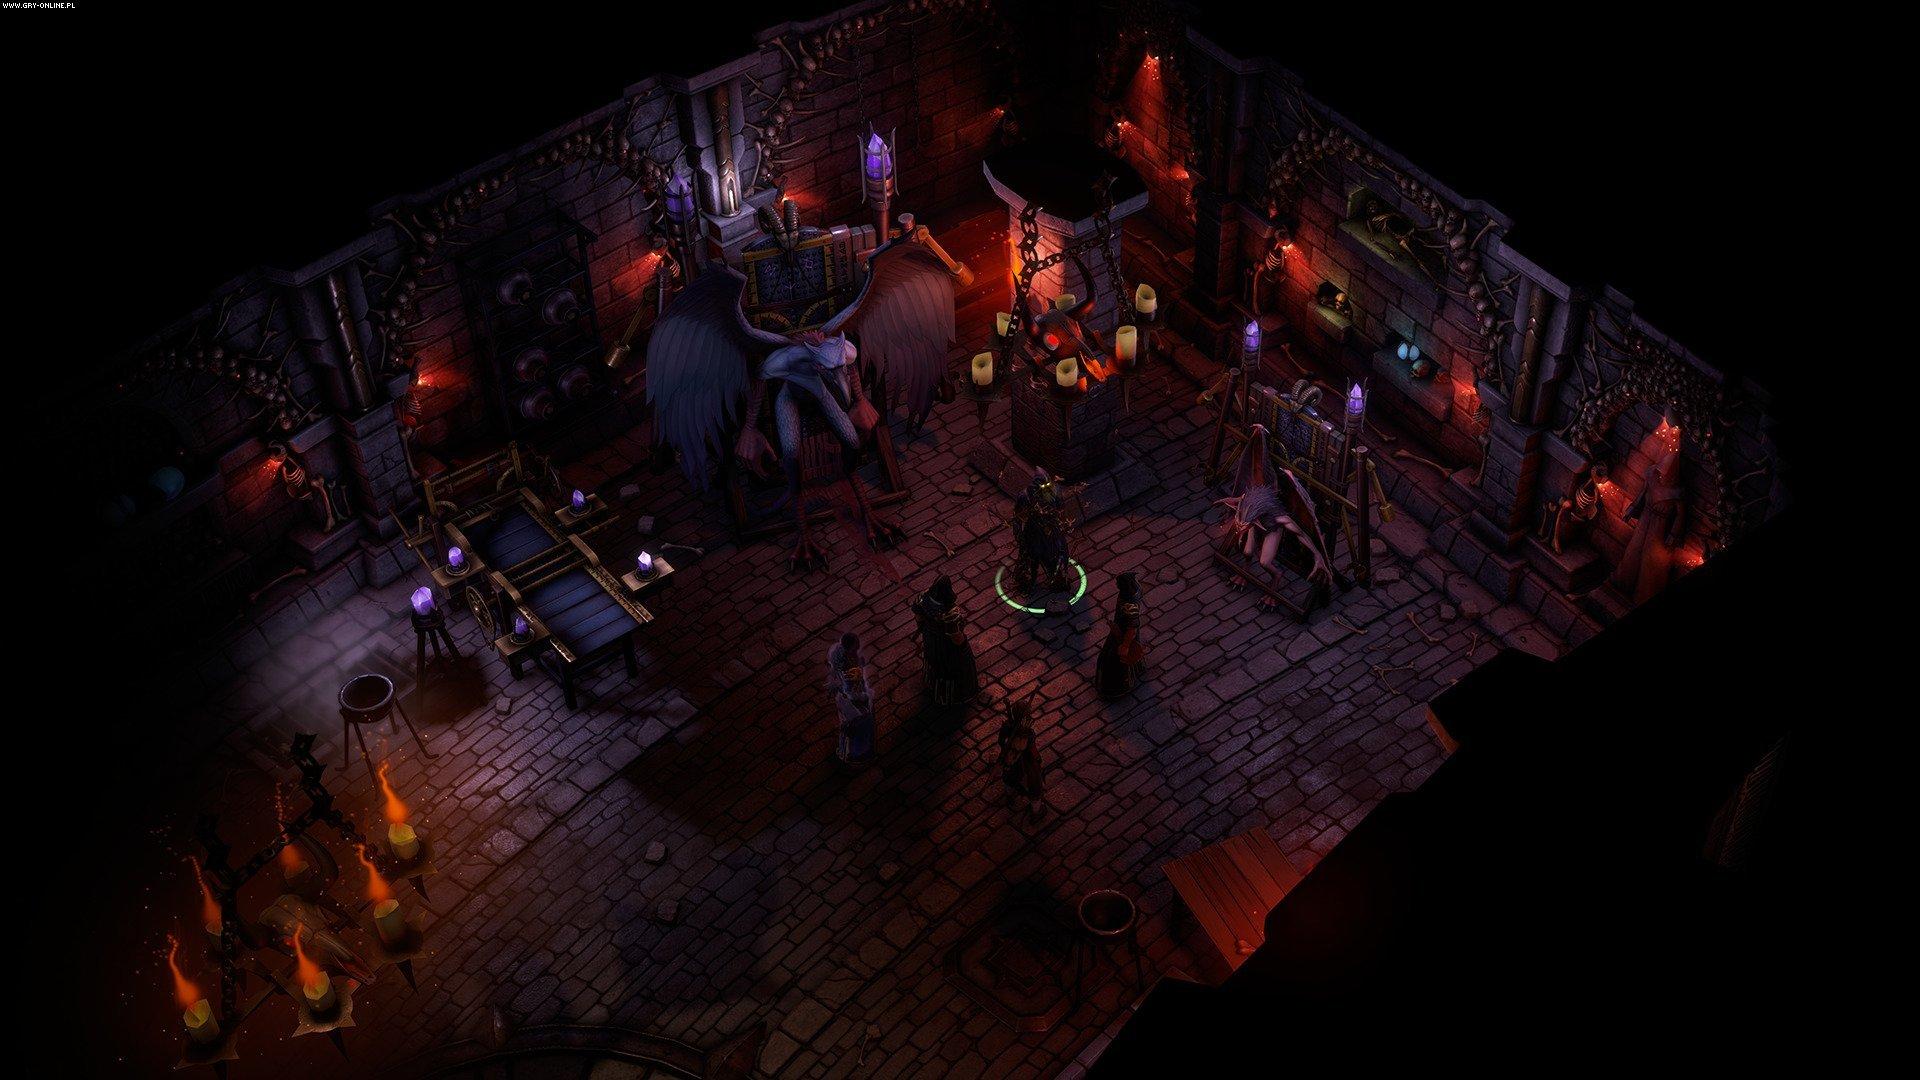 Новые скриншоты Pathfinder: Wrath of the Righteous